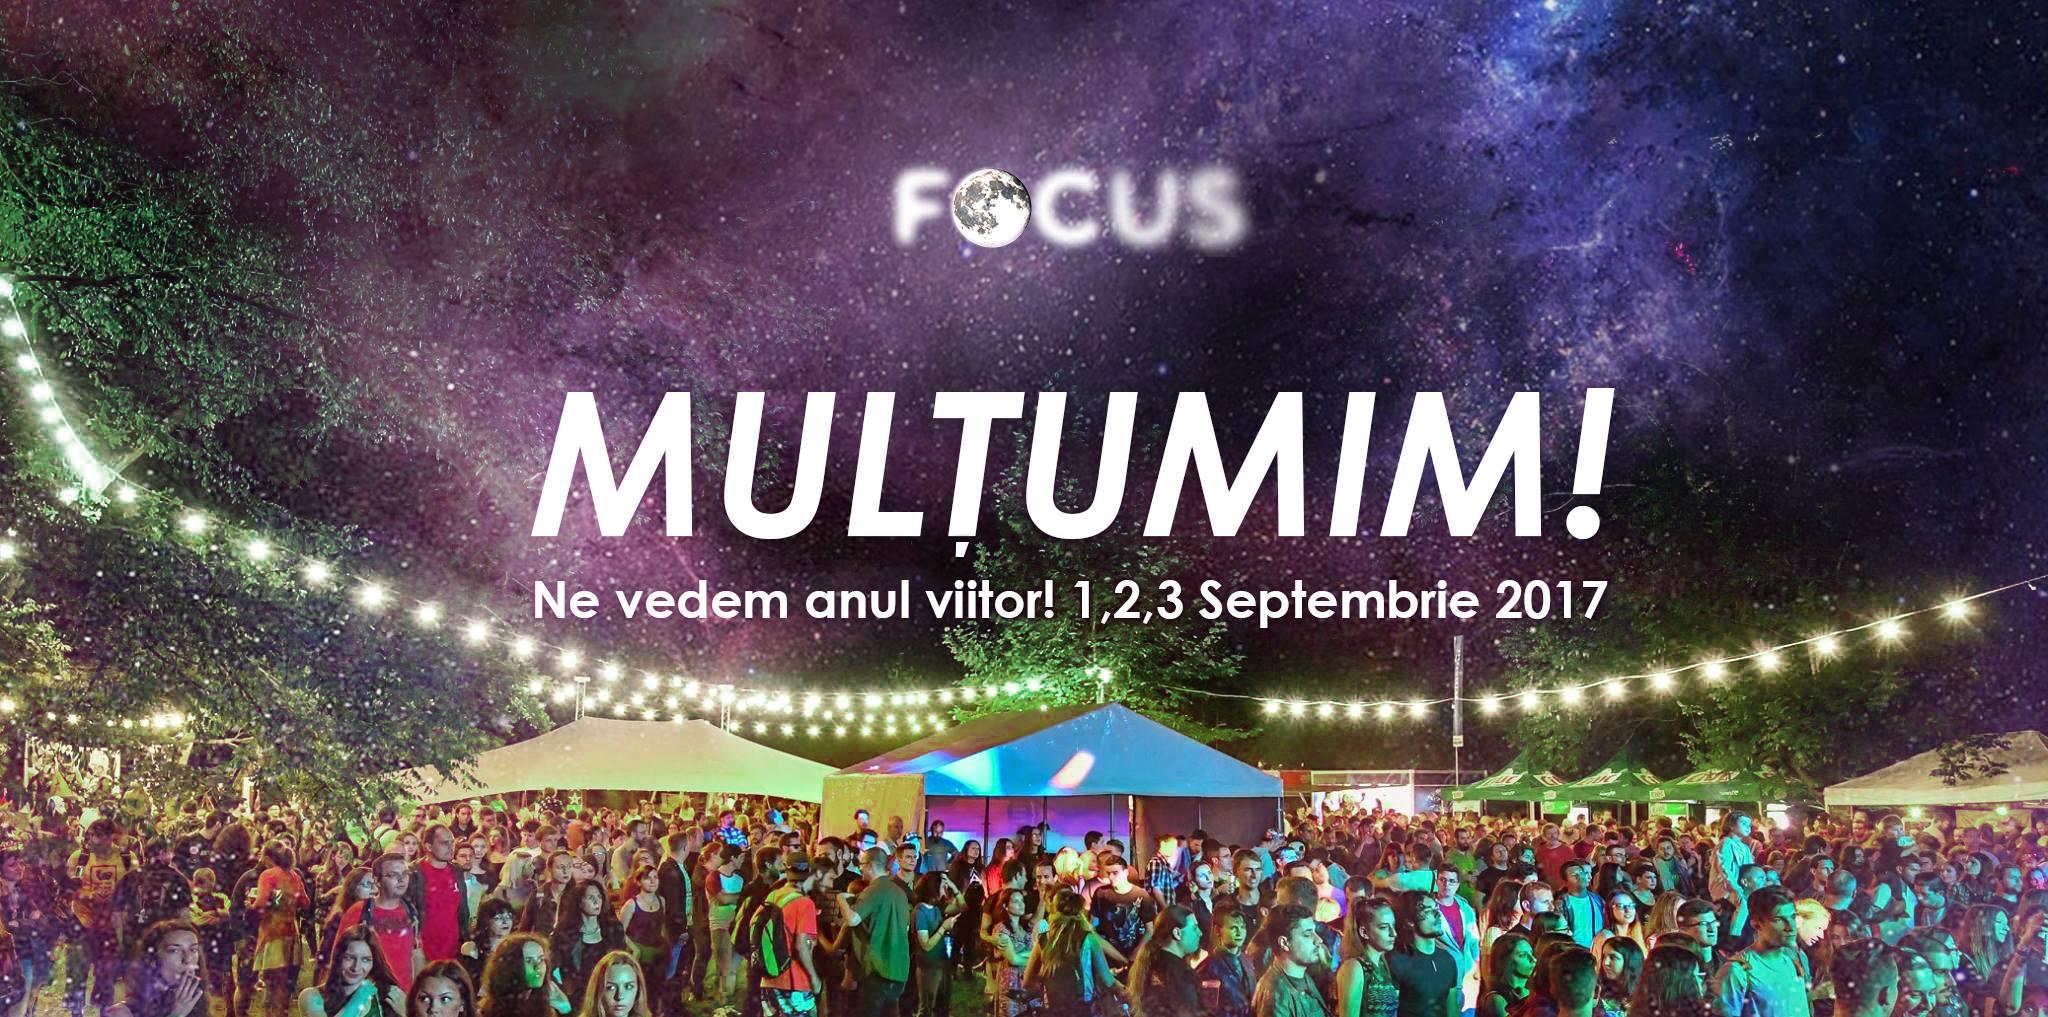 Focus Festival 2017